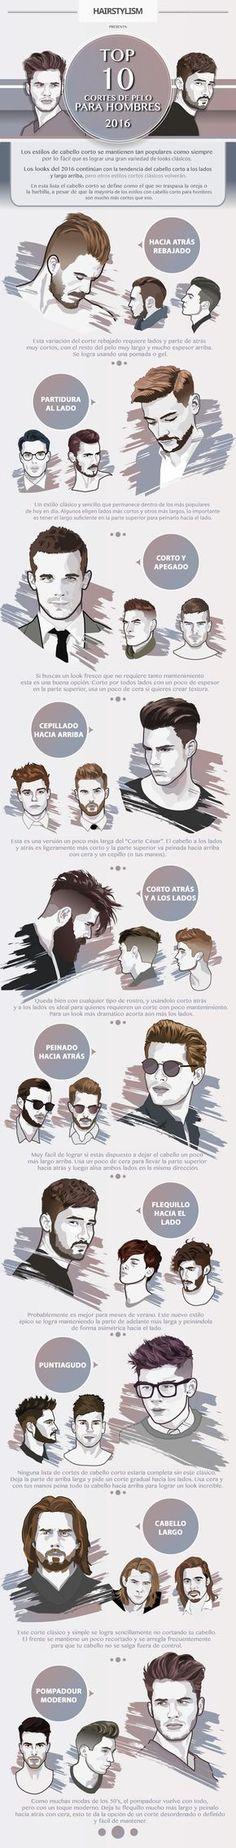 Mejores 111 imágenes de Moda barba en Pinterest | Bigote, Cortes de ...